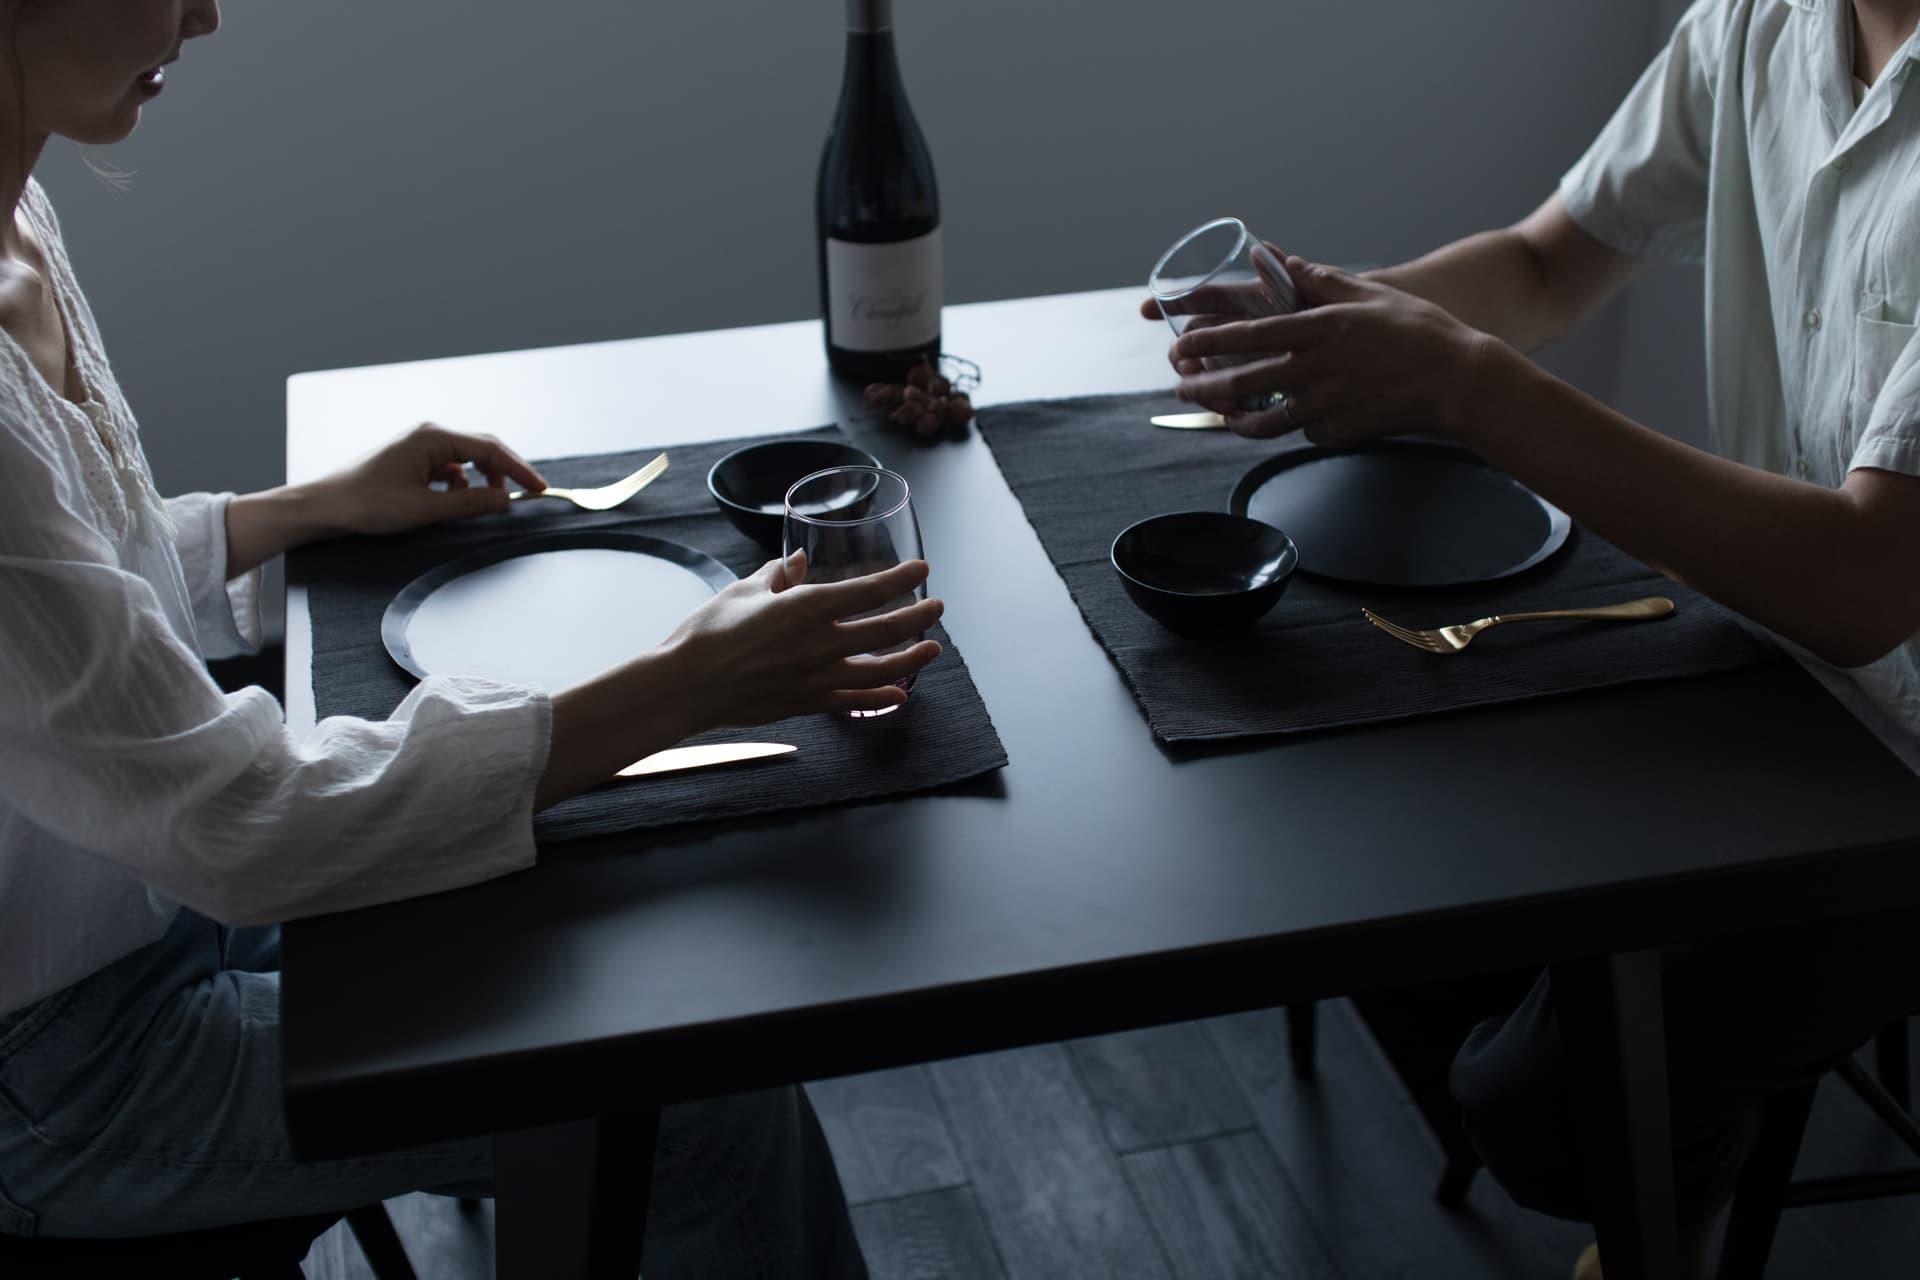 レジデンス此花 モデルルーム / ダイニングテーブルと夫婦の手元